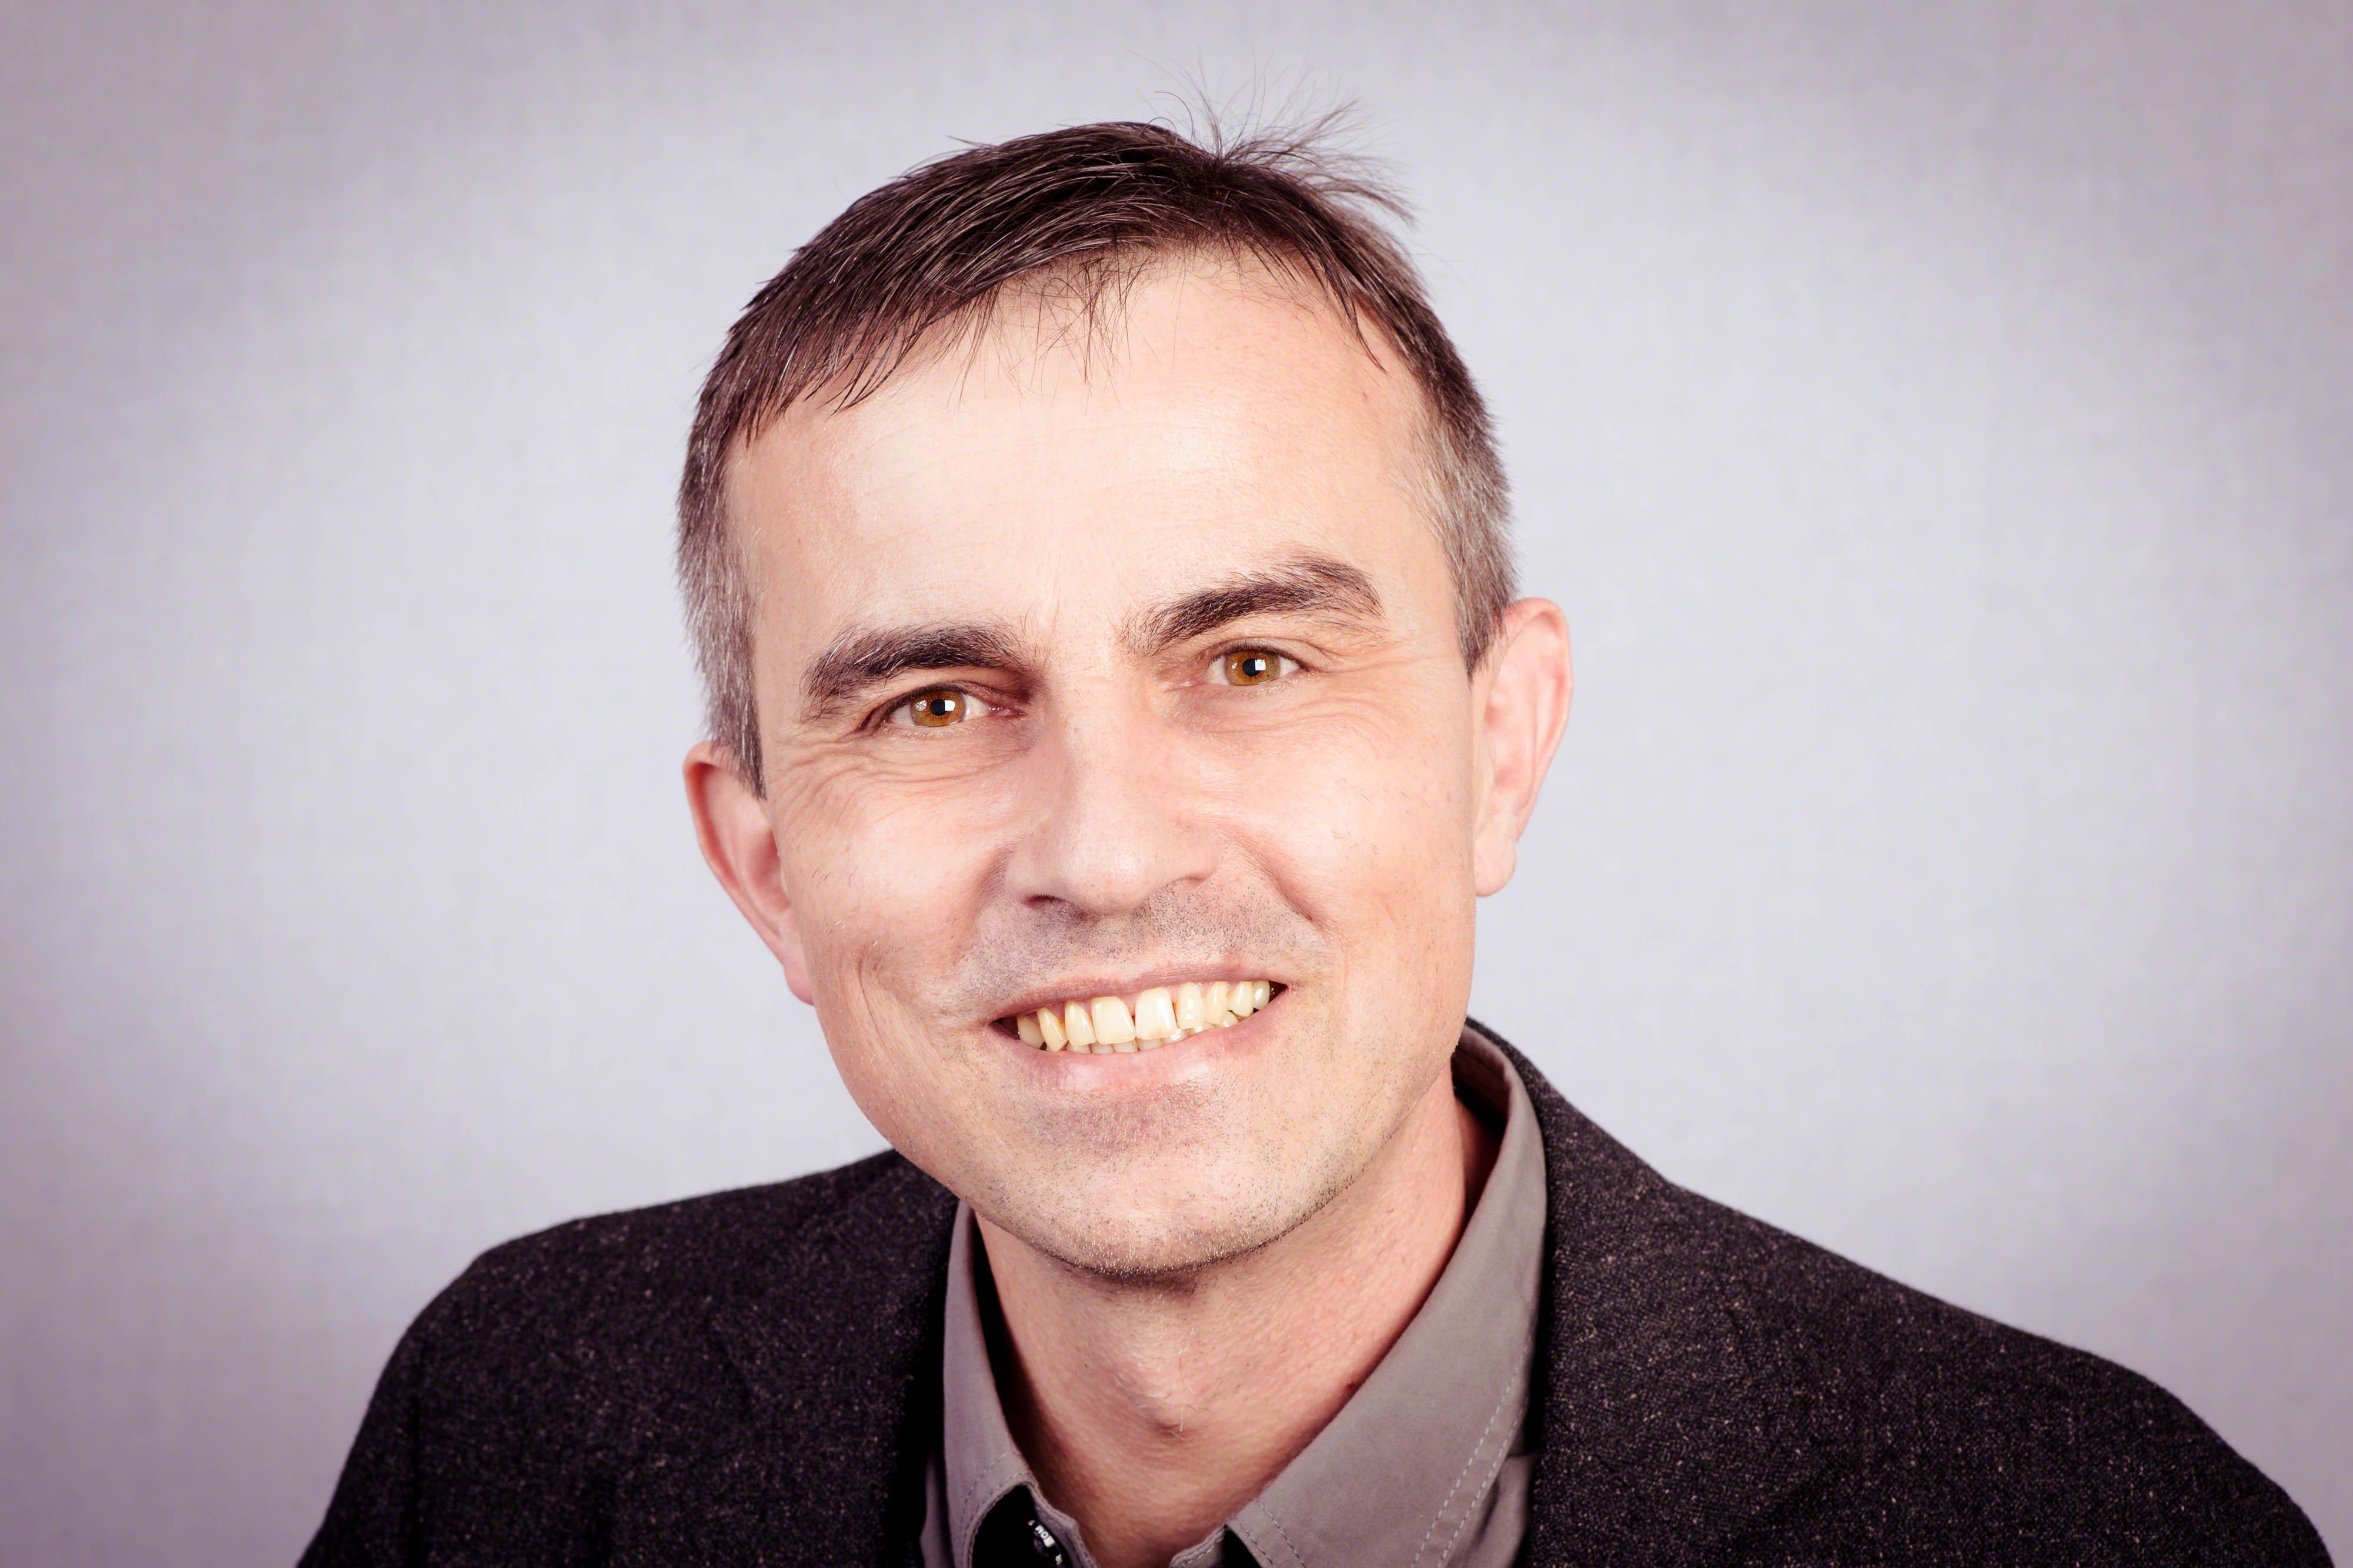 Martin Ruhmer